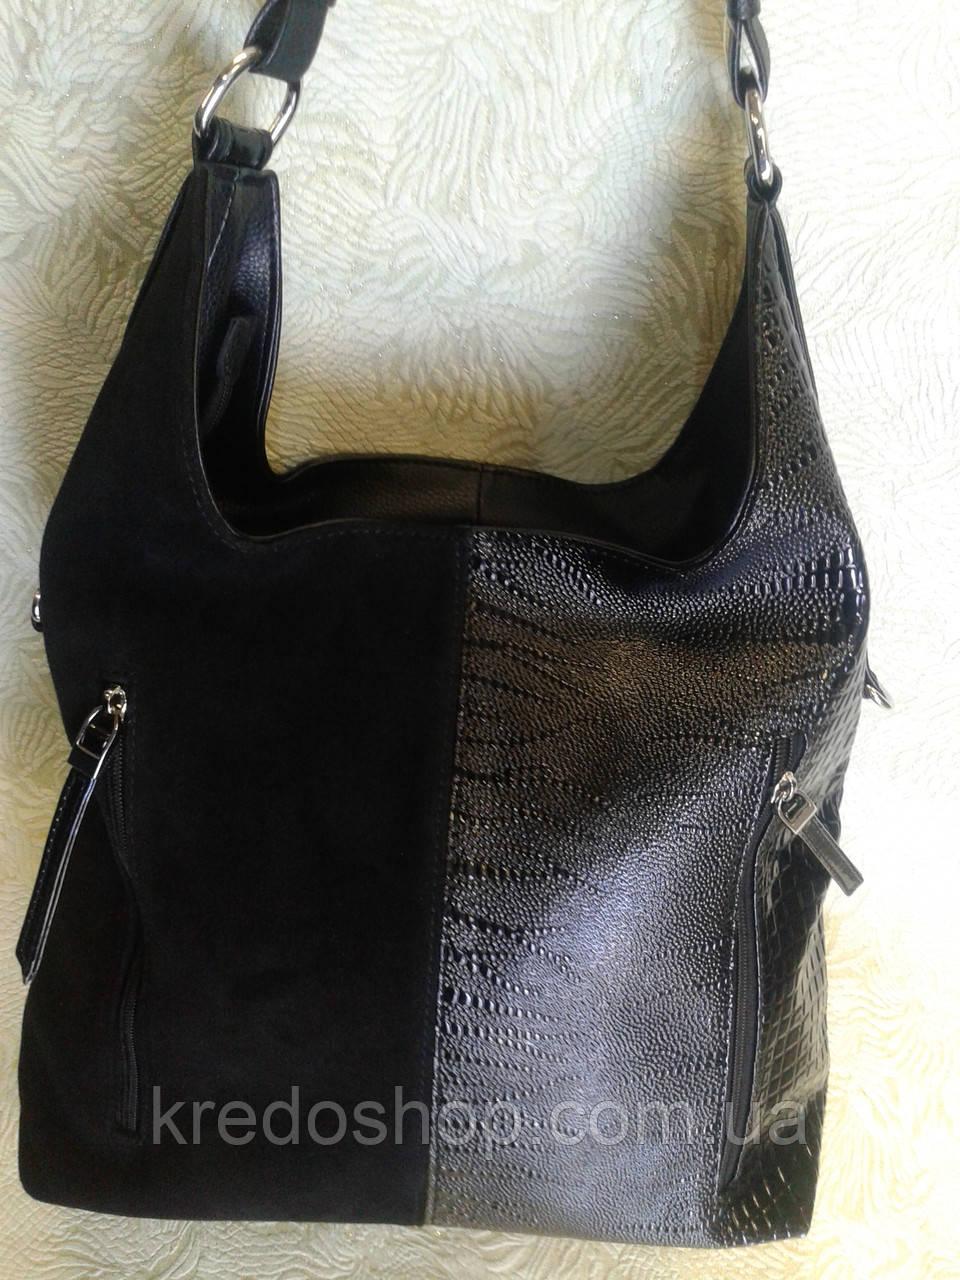 01975dd151e6 Сумка женская замшевая черная стильная красивая - Интернет-магазин сумок и  аксессуаров